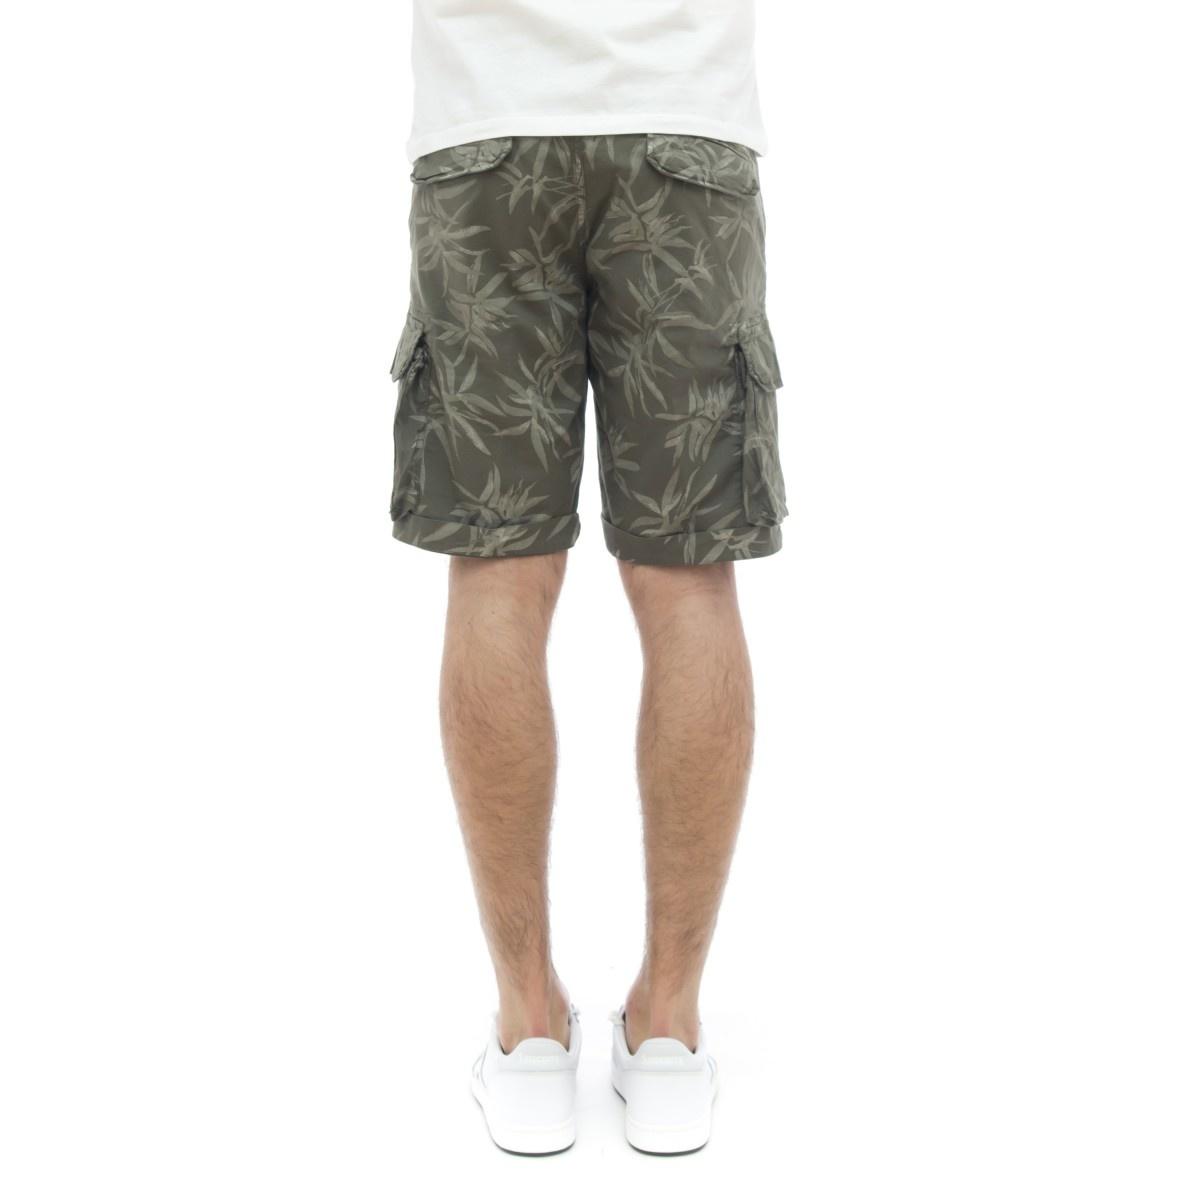 40 Weft shorts 40 Weft 6364-W1922 Nick